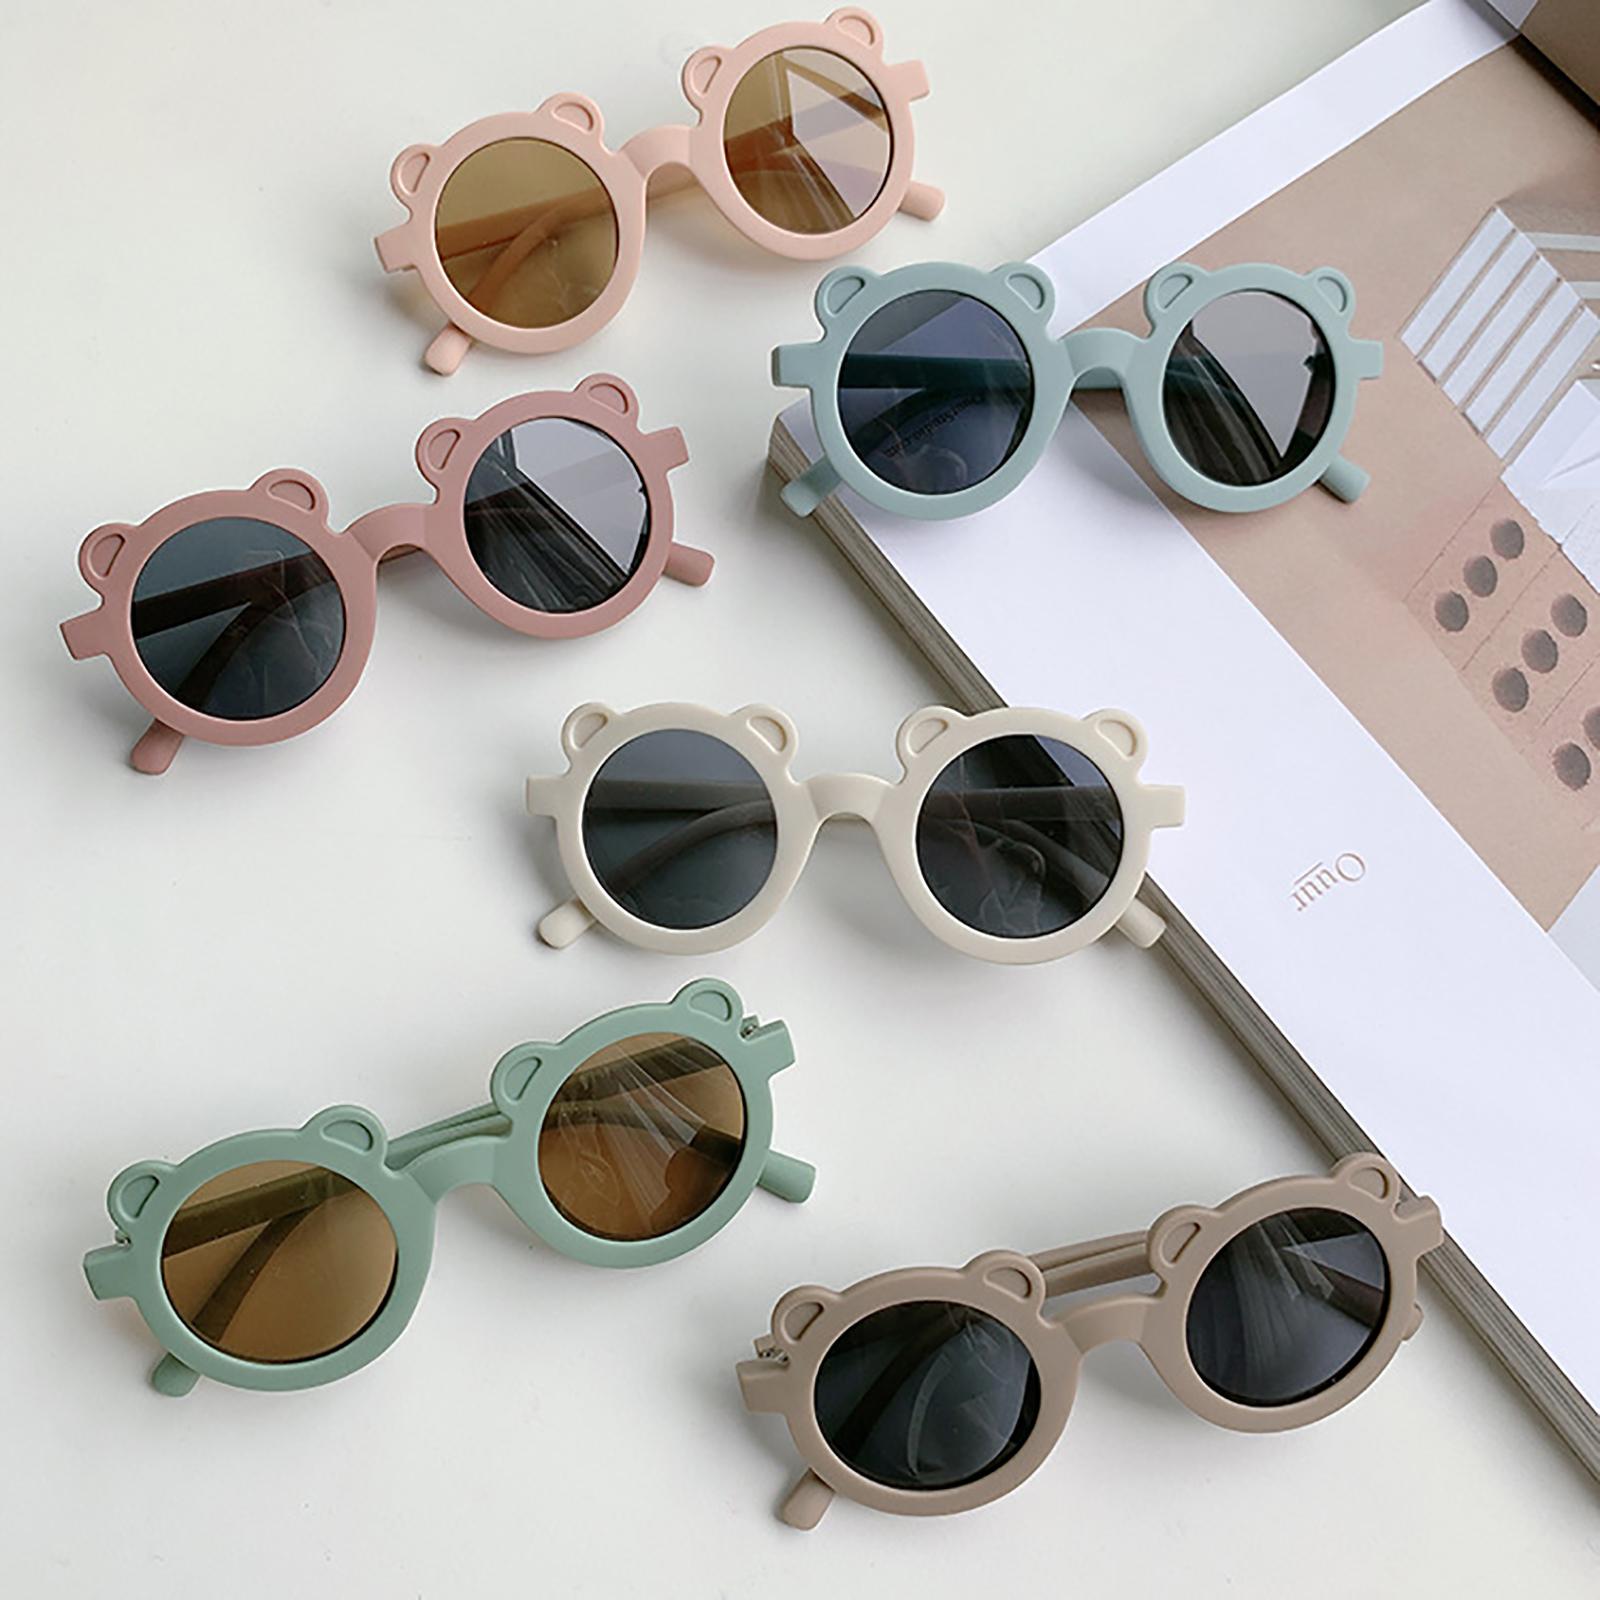 2021 Lovely Children Sunglasses Summer UV Protection Round Frame Sunglasses for Boys and Girls